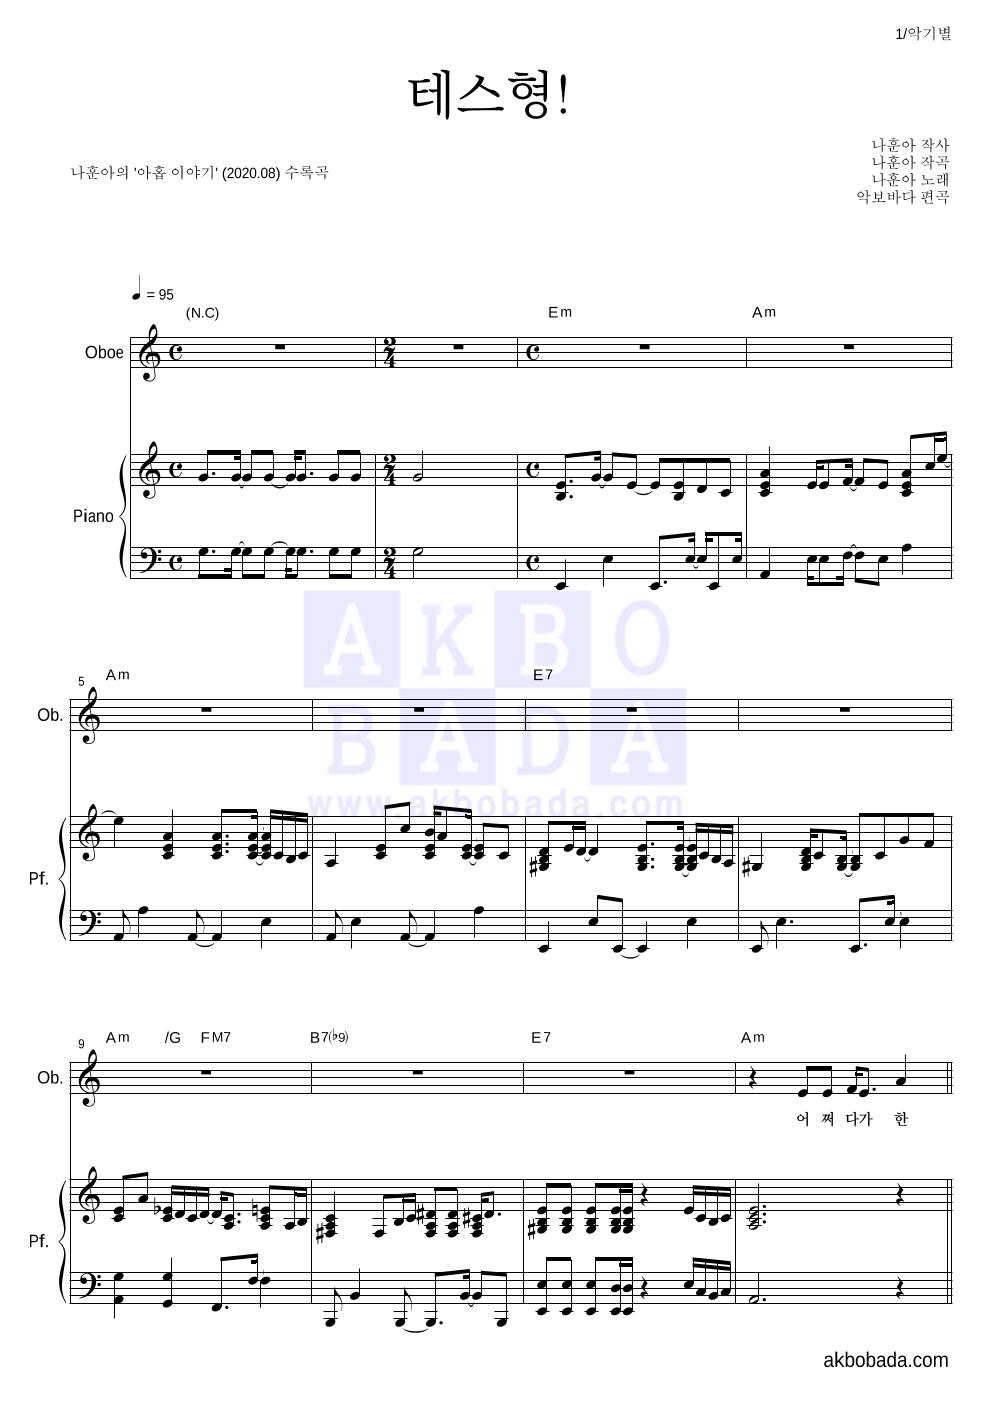 나훈아 - 테스형! 오보에&피아노 악보